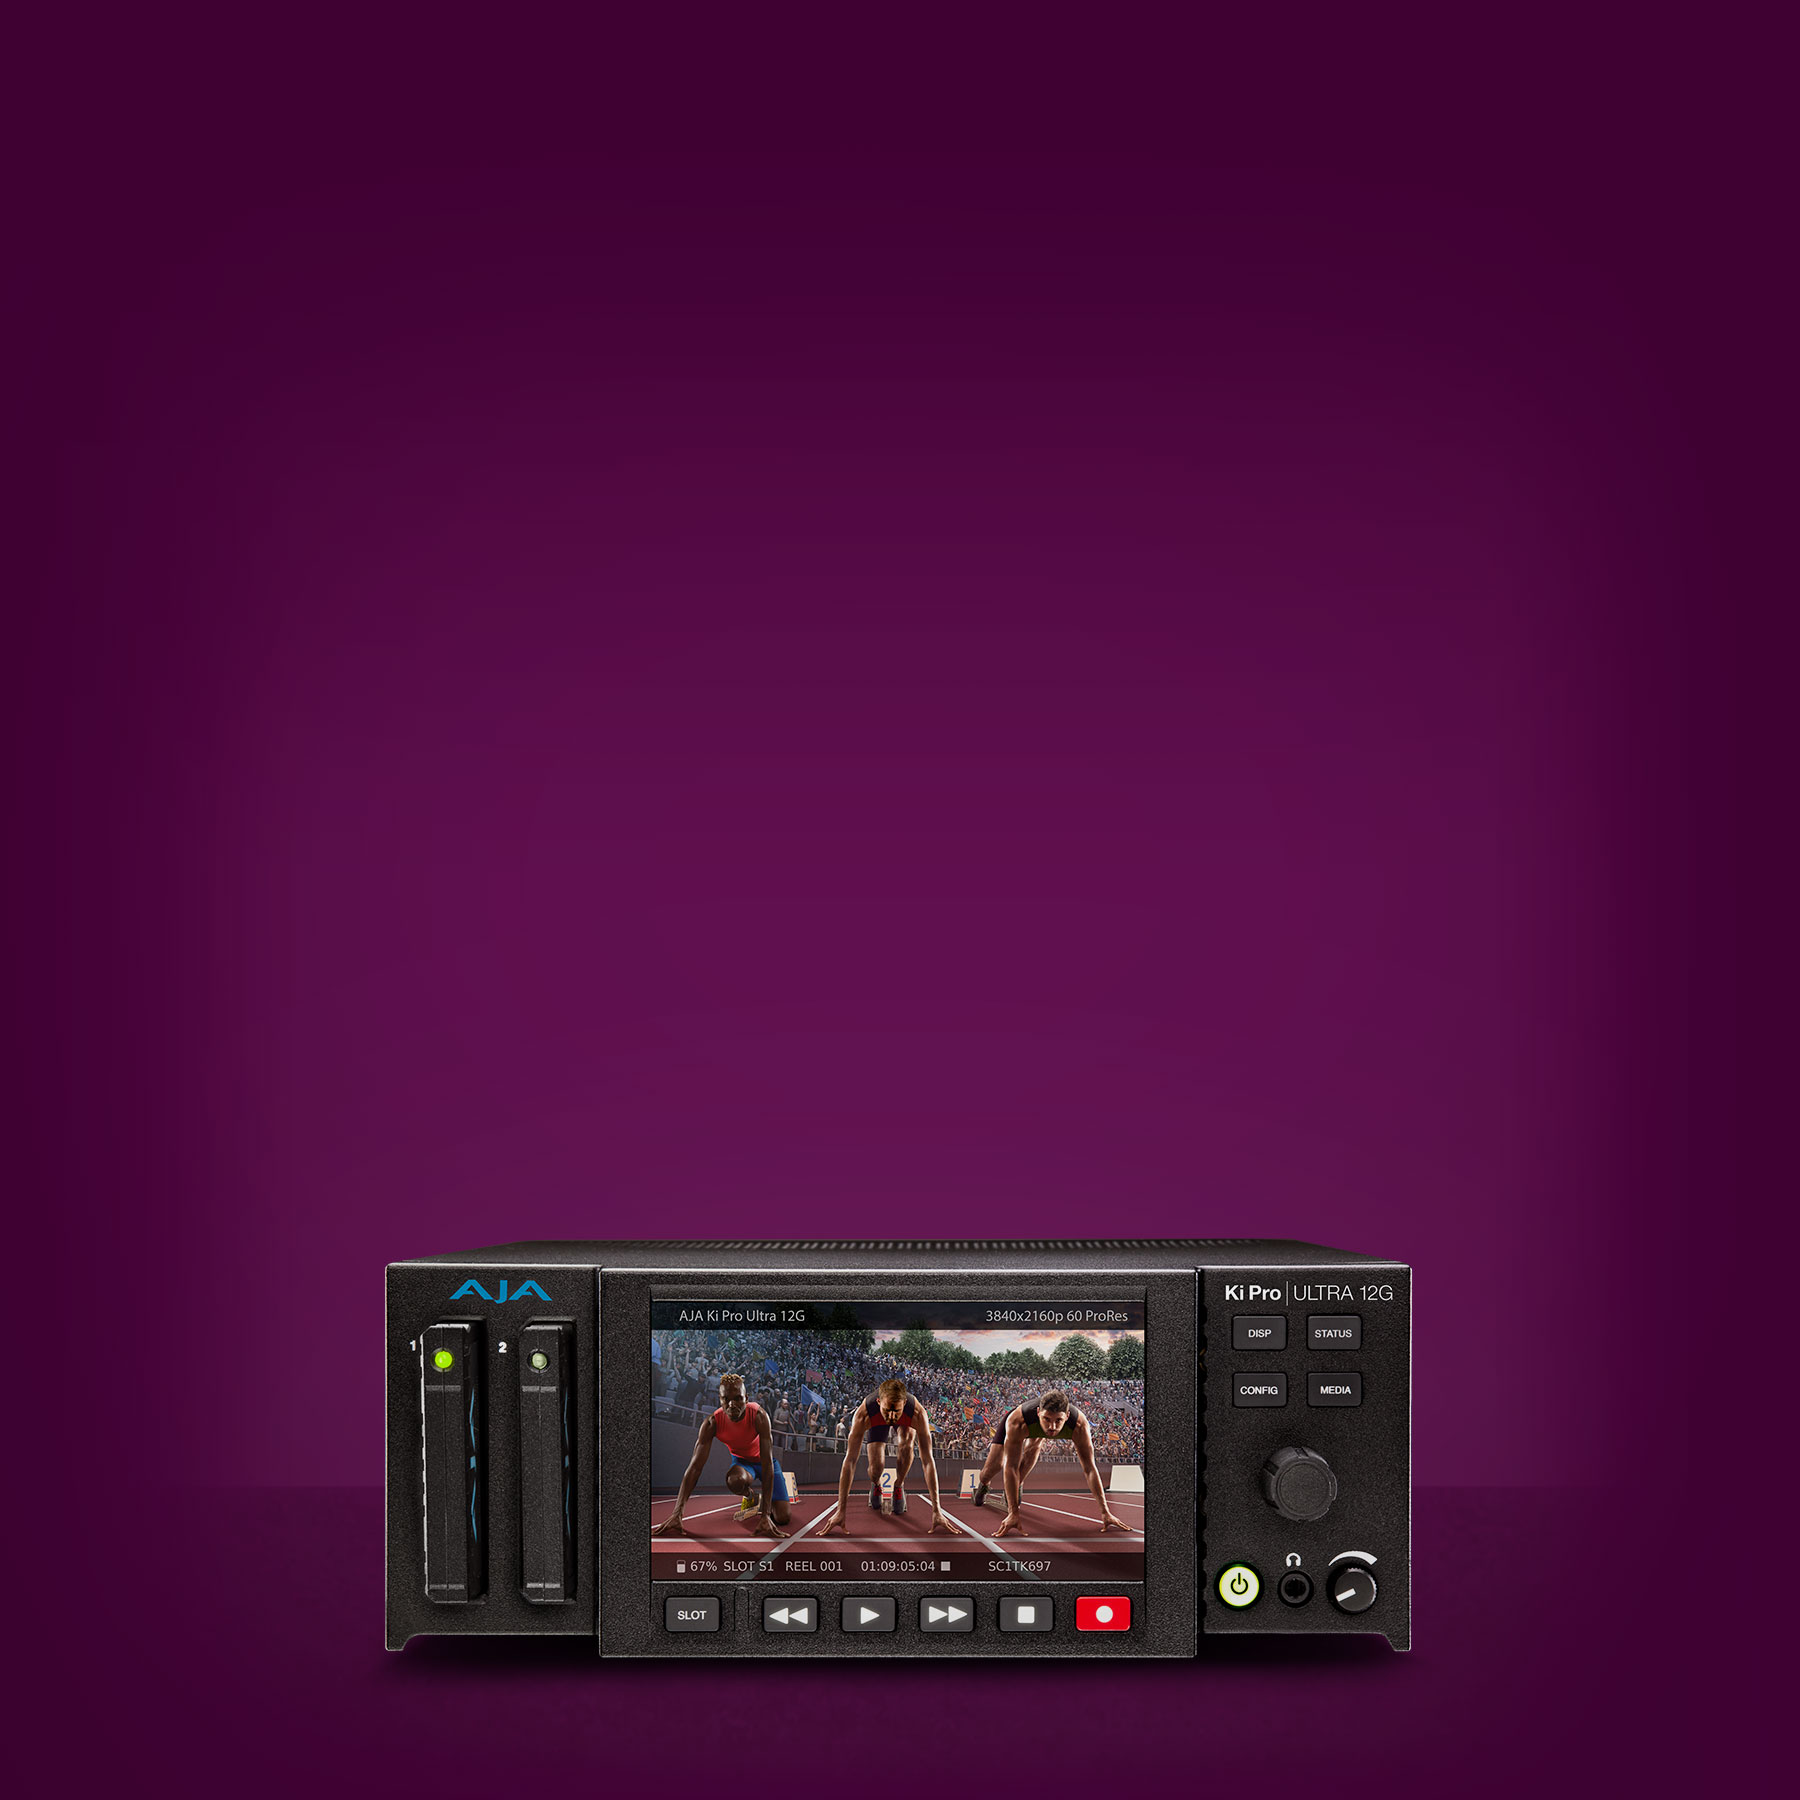 Ki Pro Ultra 12G